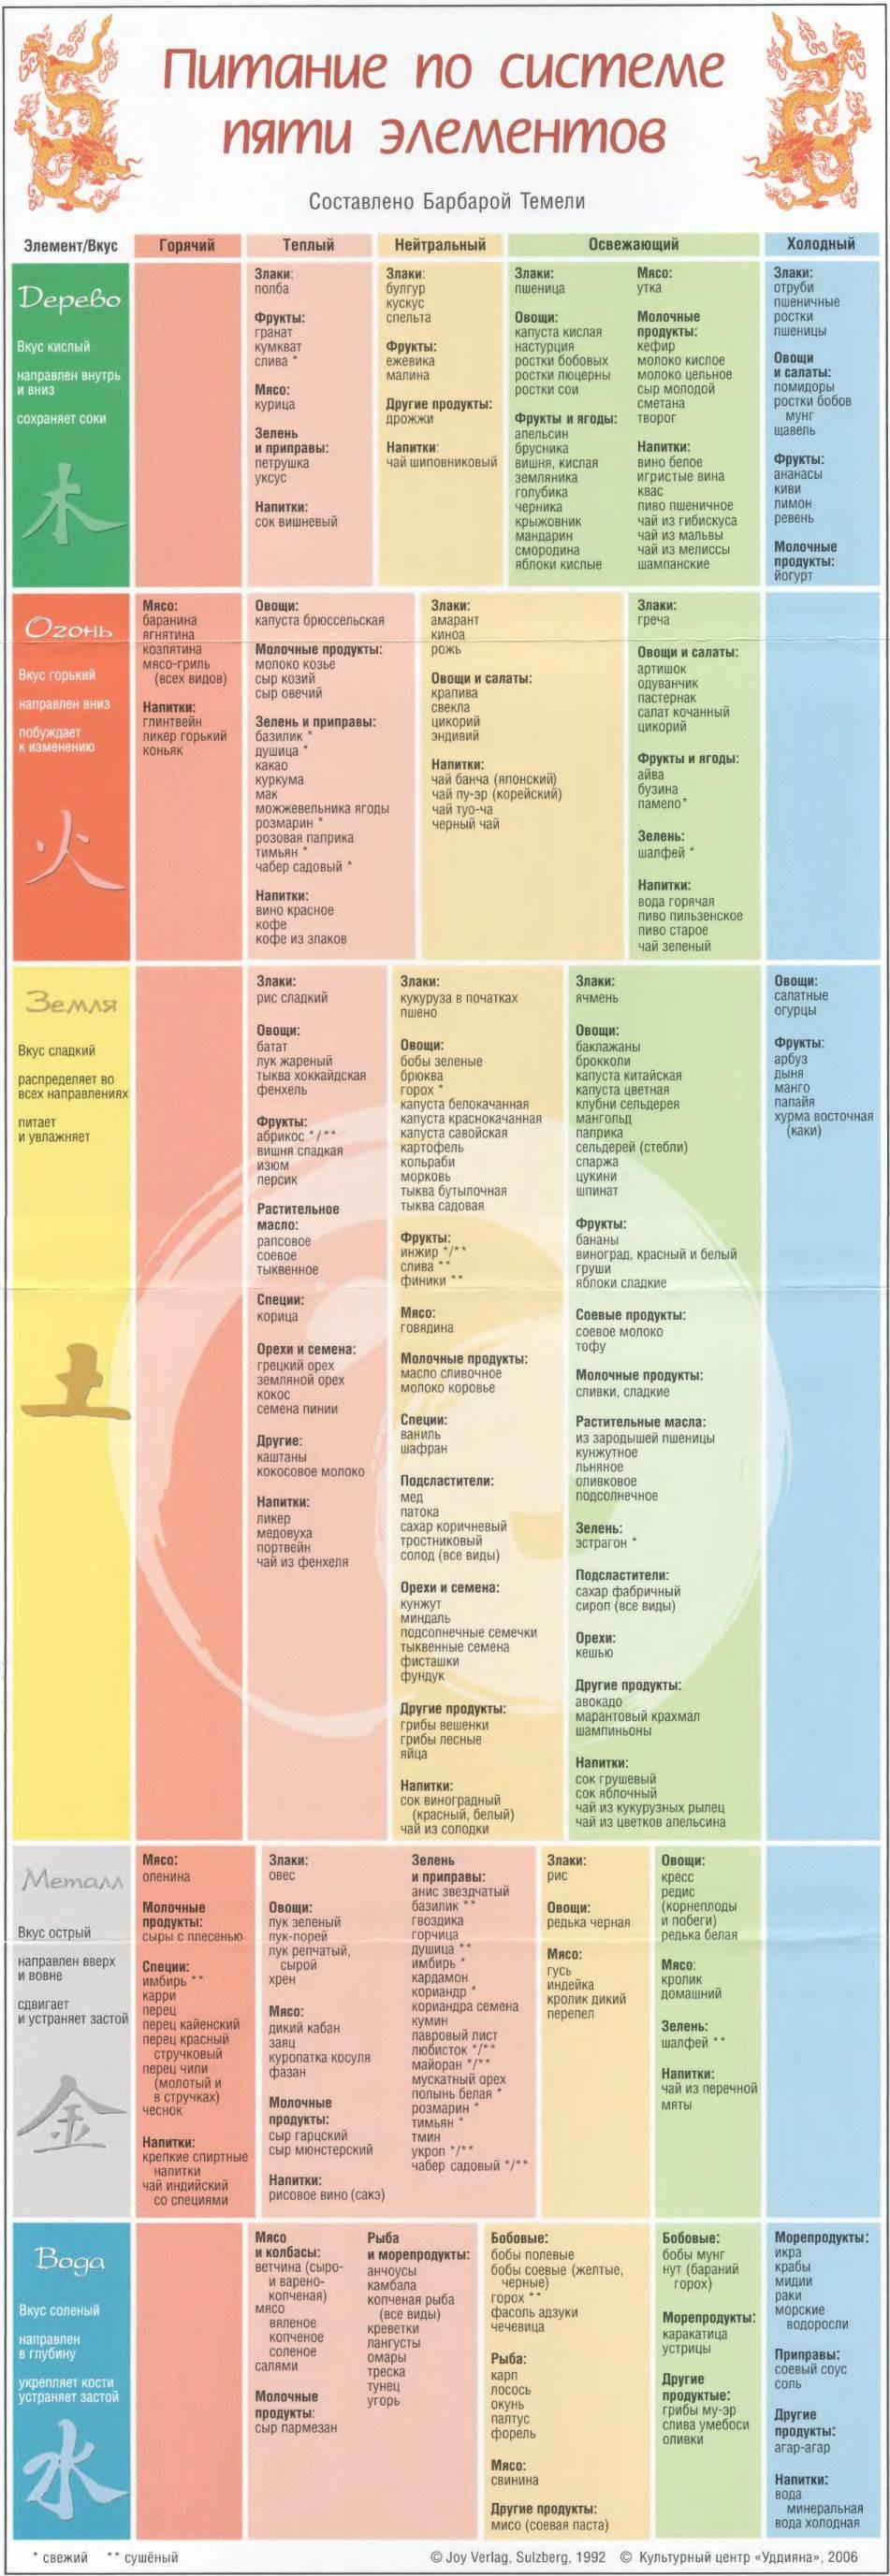 Питание по системе пяти элементов - вкладыш